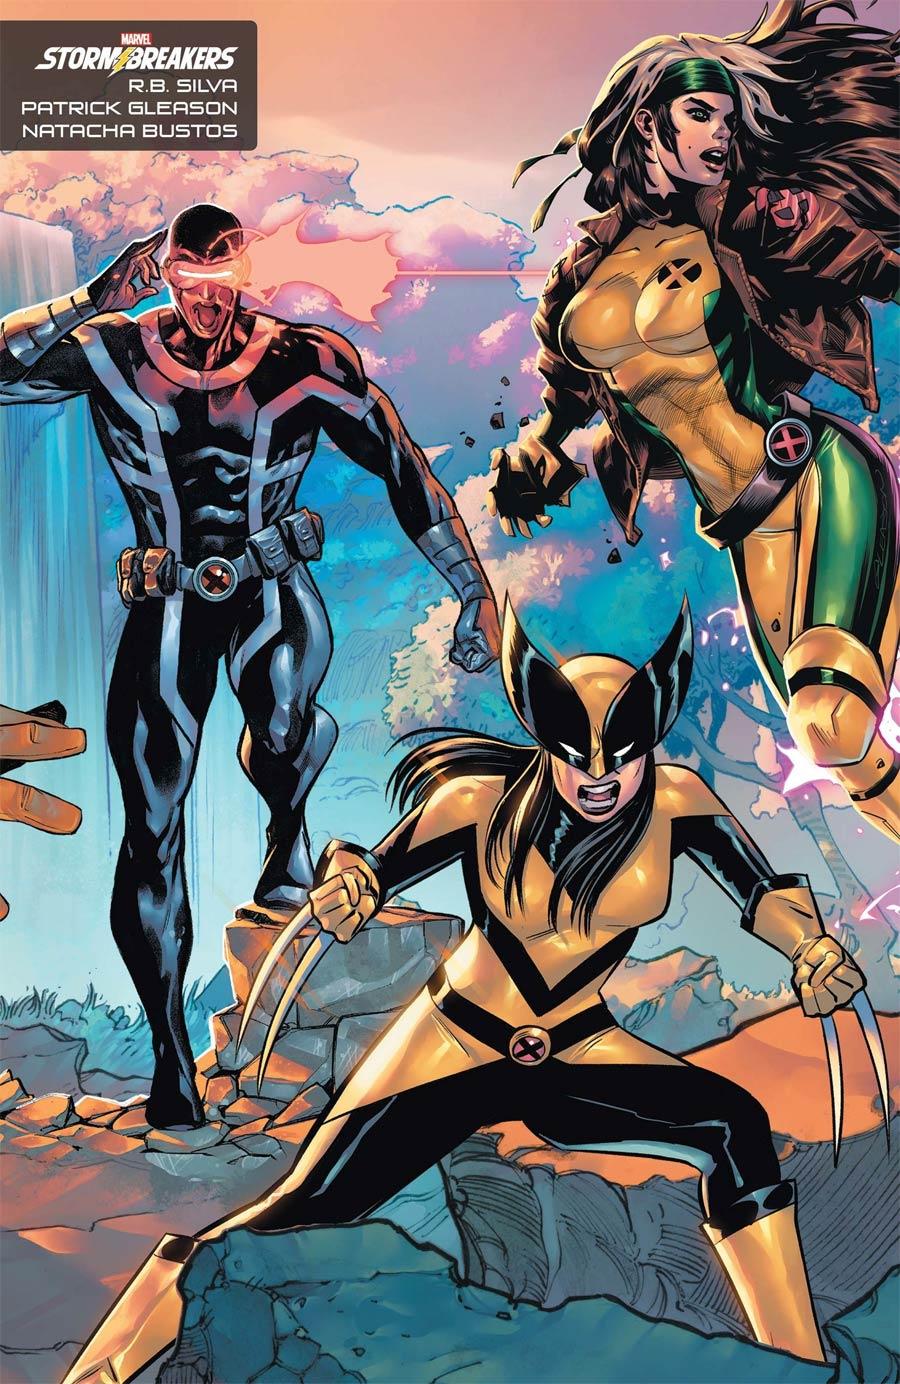 X-Men Vol 6 #1 Cover H Variant RB Silva Natacha Bustos Patrick Gleason Stormbreakers Cover